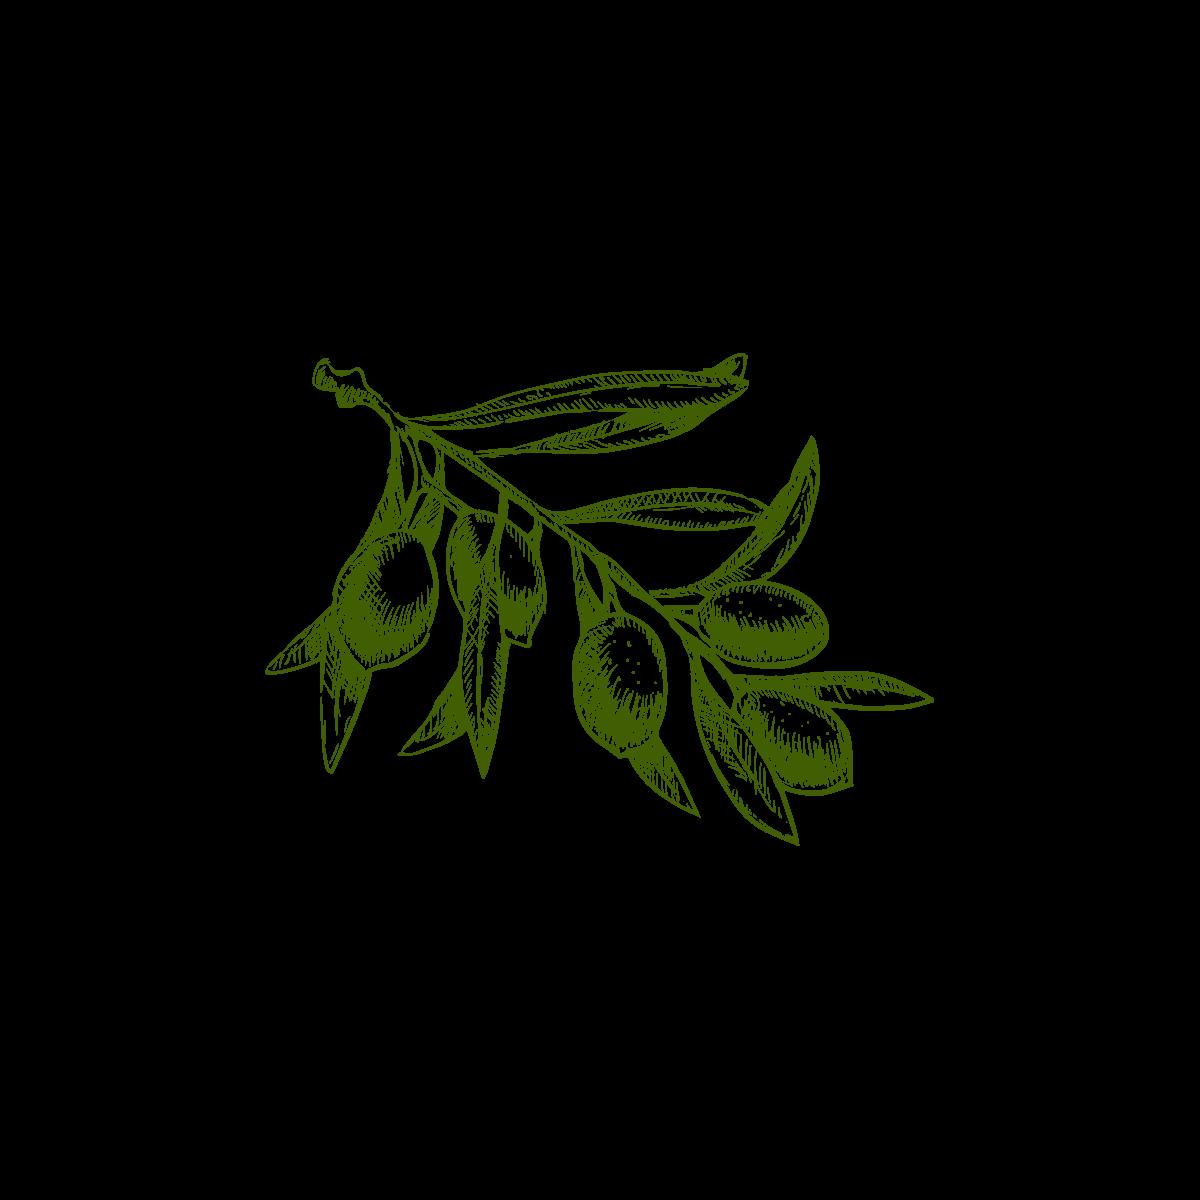 Olivocultura